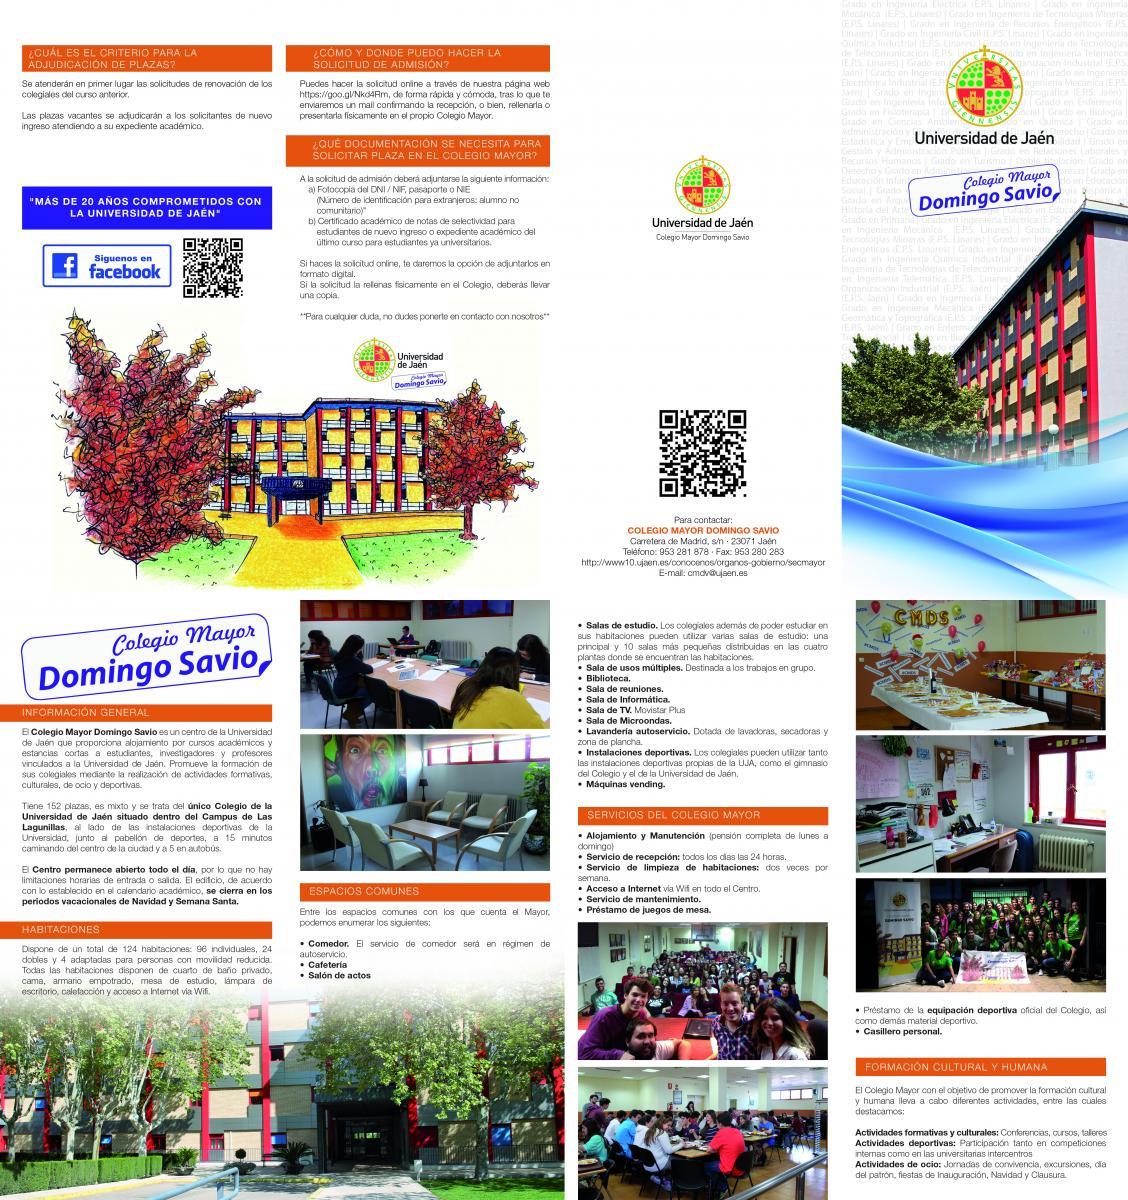 Solicitud De Plaza E Impresos Colegio Mayor Domingo Savio